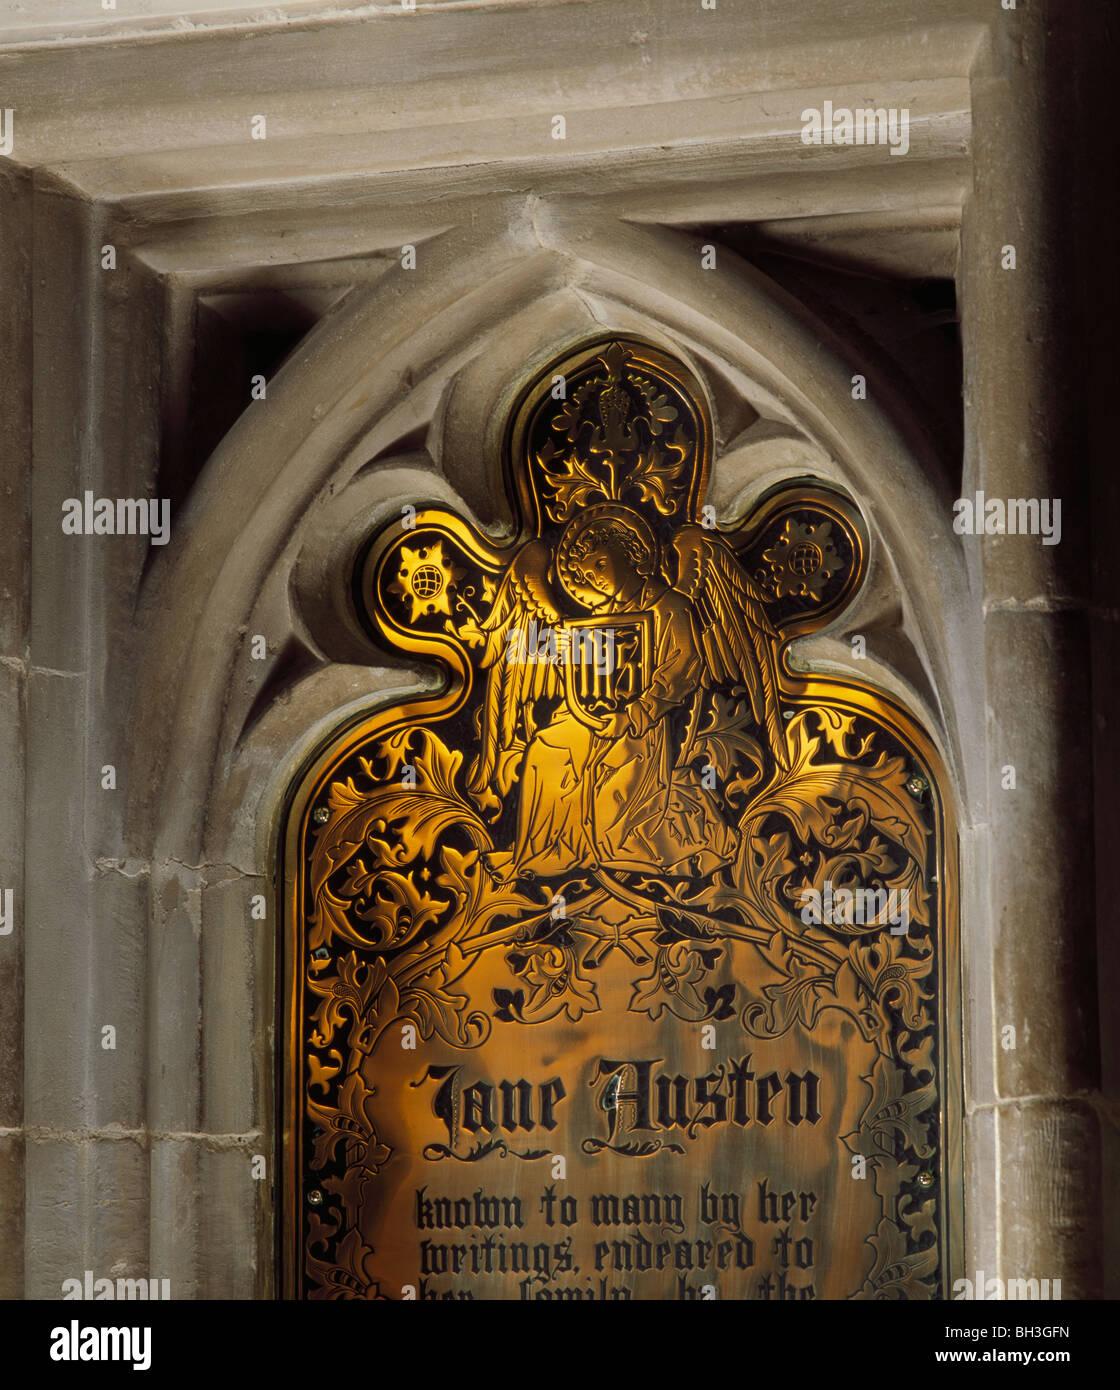 La Catedral de Winchester, Hampshire, Inglaterra. Memorial de Jane Austen, en la nave. La placa de bronce que conmemora Imagen De Stock